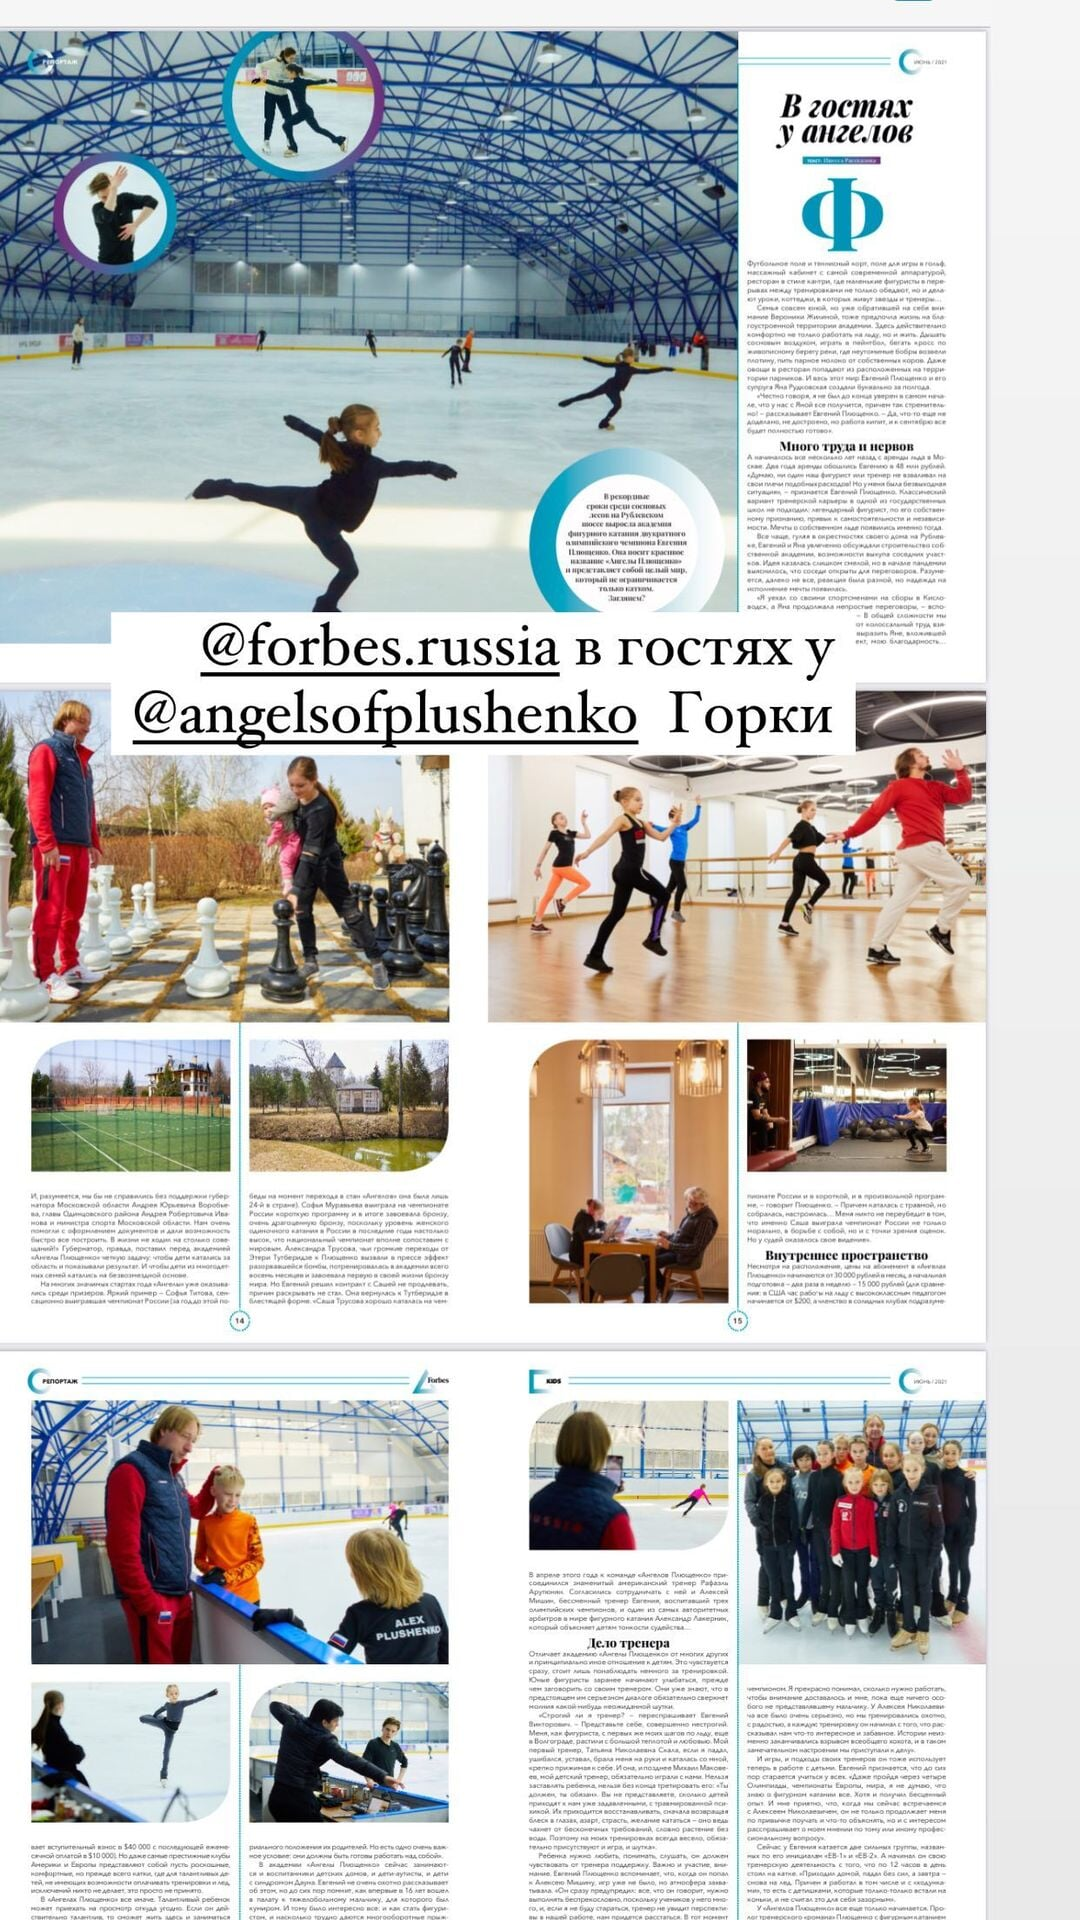 Евгений Плющенко: Меня никто не переубедит в том, что именно Трусова выиграла чемпионат России. Не только морально, но и с точки зрения оценок